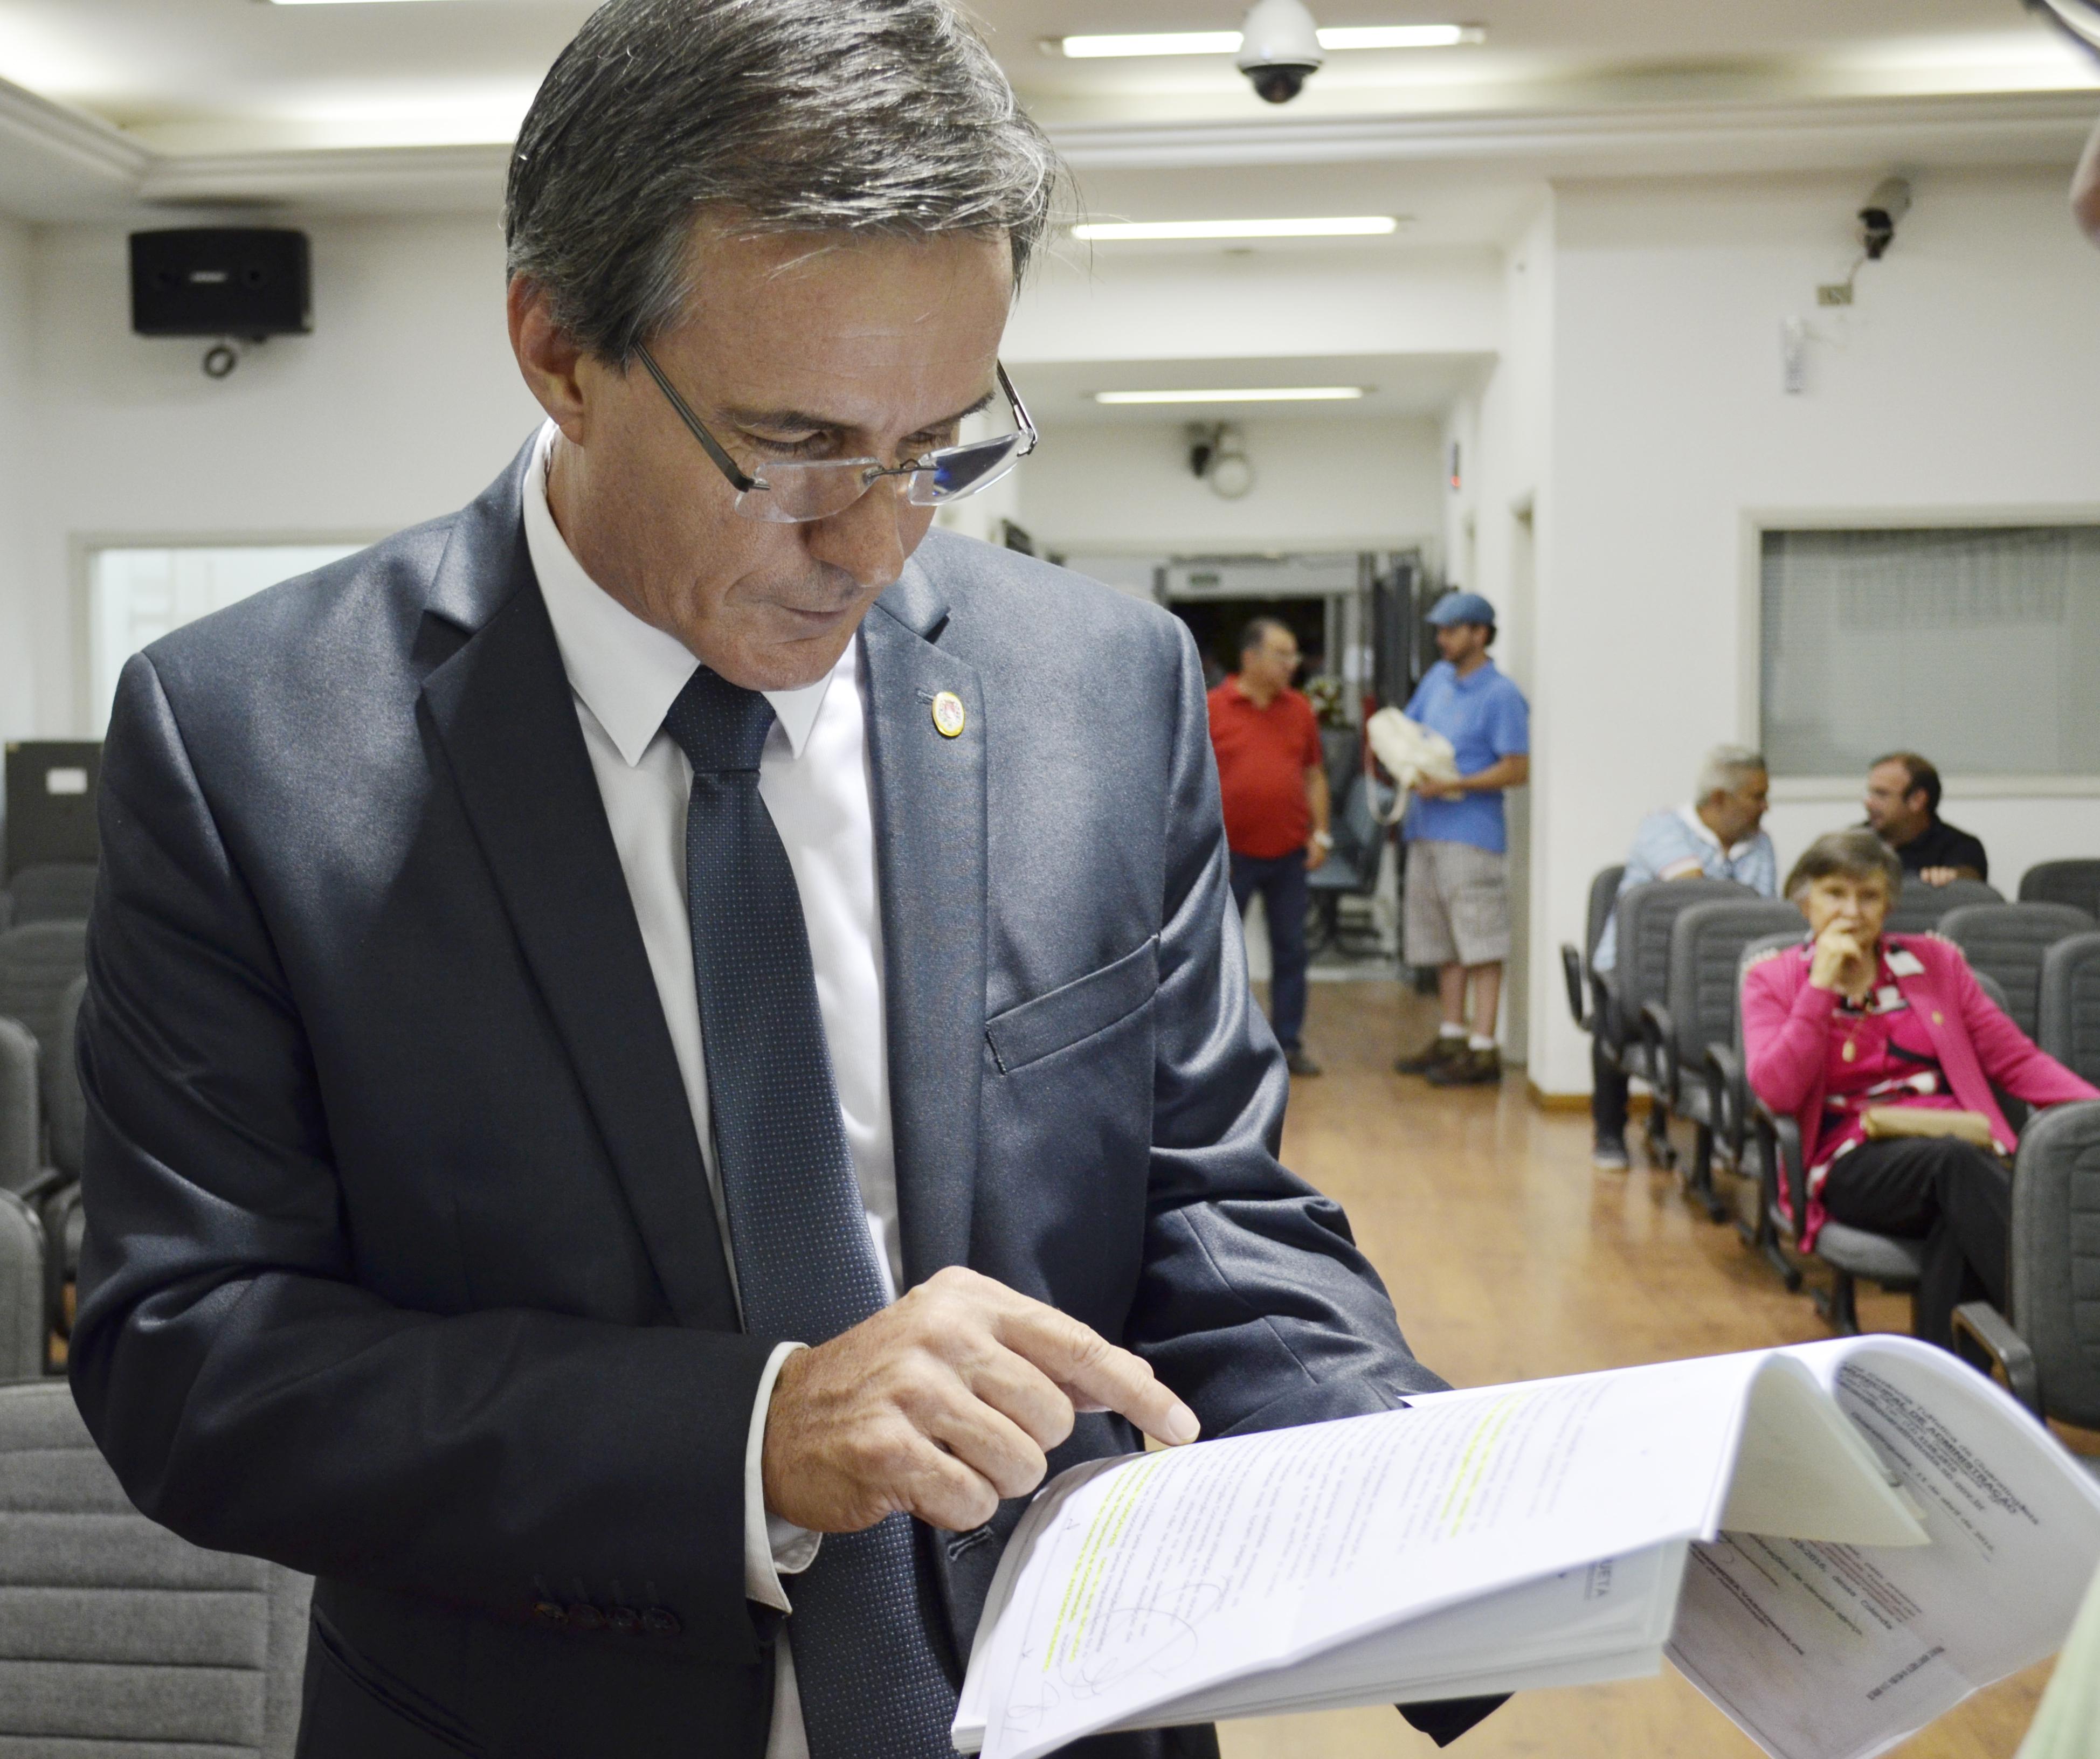 O vereador Marcus Soliva analisa documentos apresentados em requerimento que cobra abertura de dívida (Leandro Oliveira)